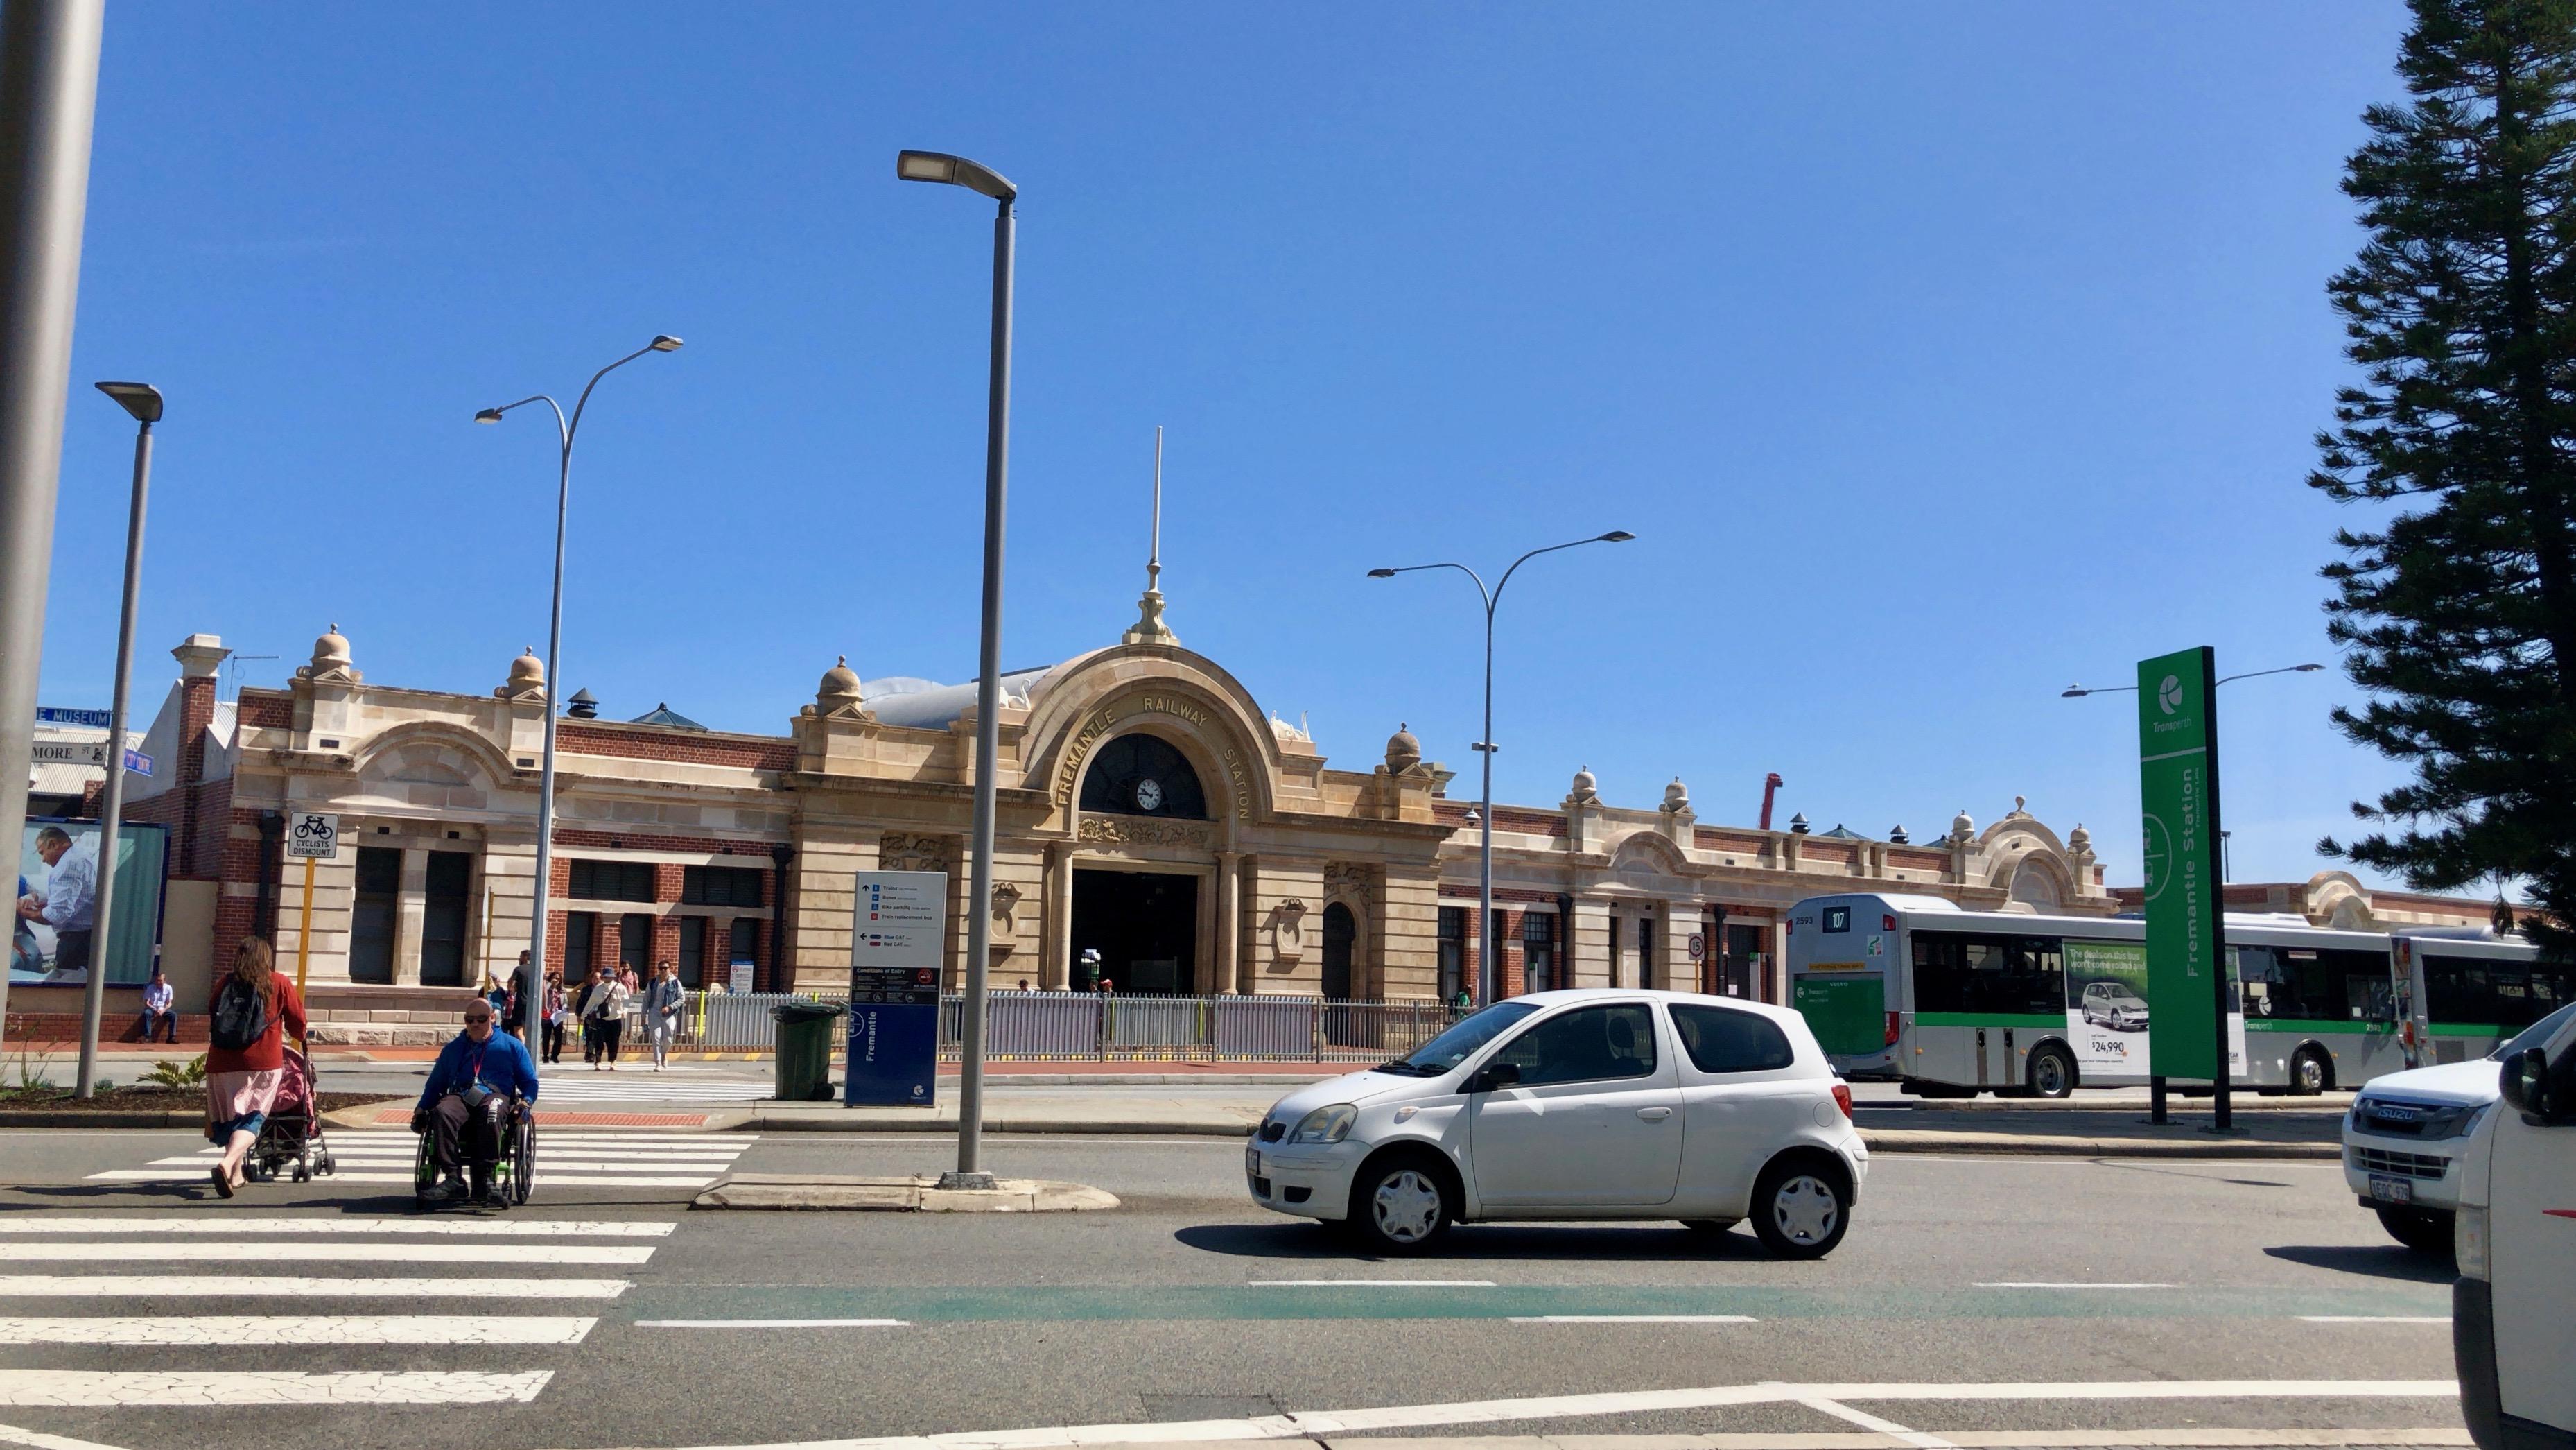 オーストラリア,一人旅,パース,電車,フリーマントル,バスキング